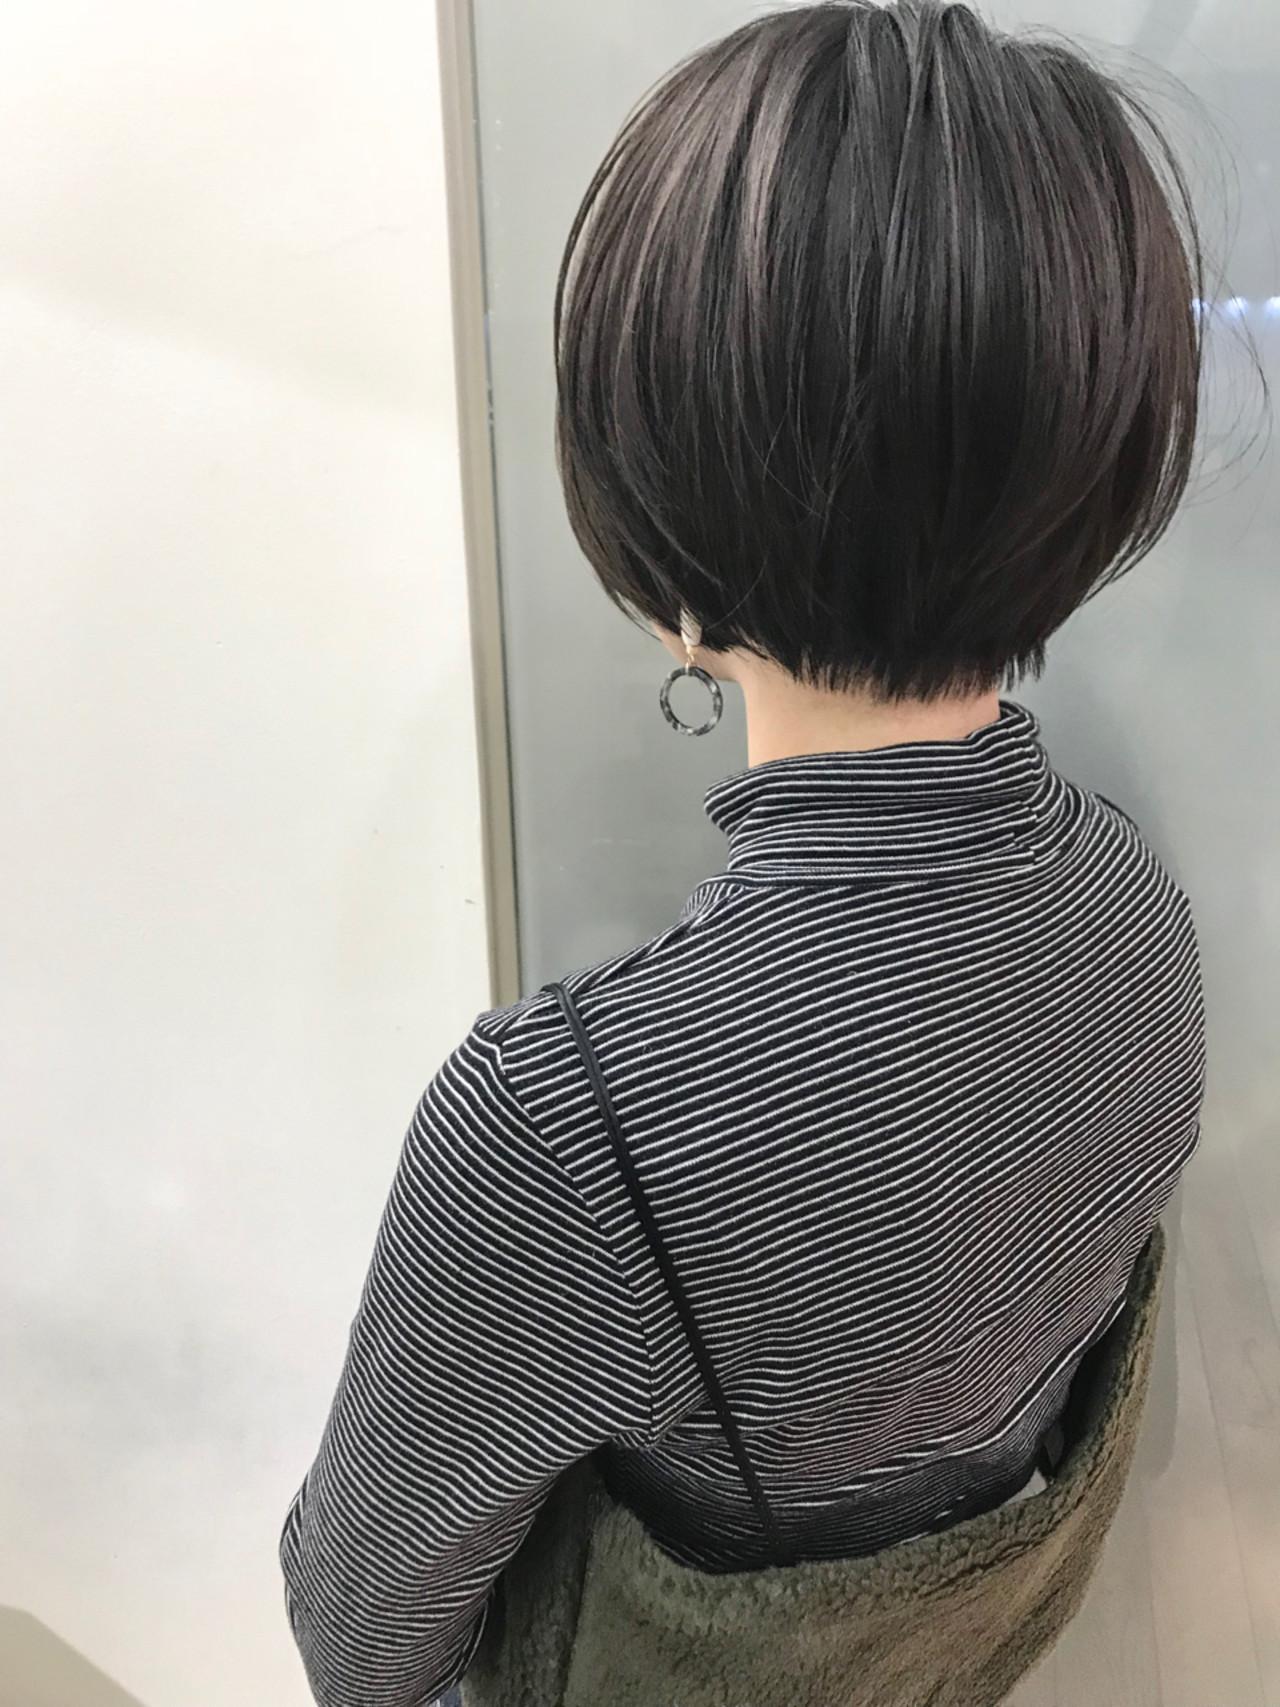 ナチュラル ショート 黒髪 スポーツ ヘアスタイルや髪型の写真・画像